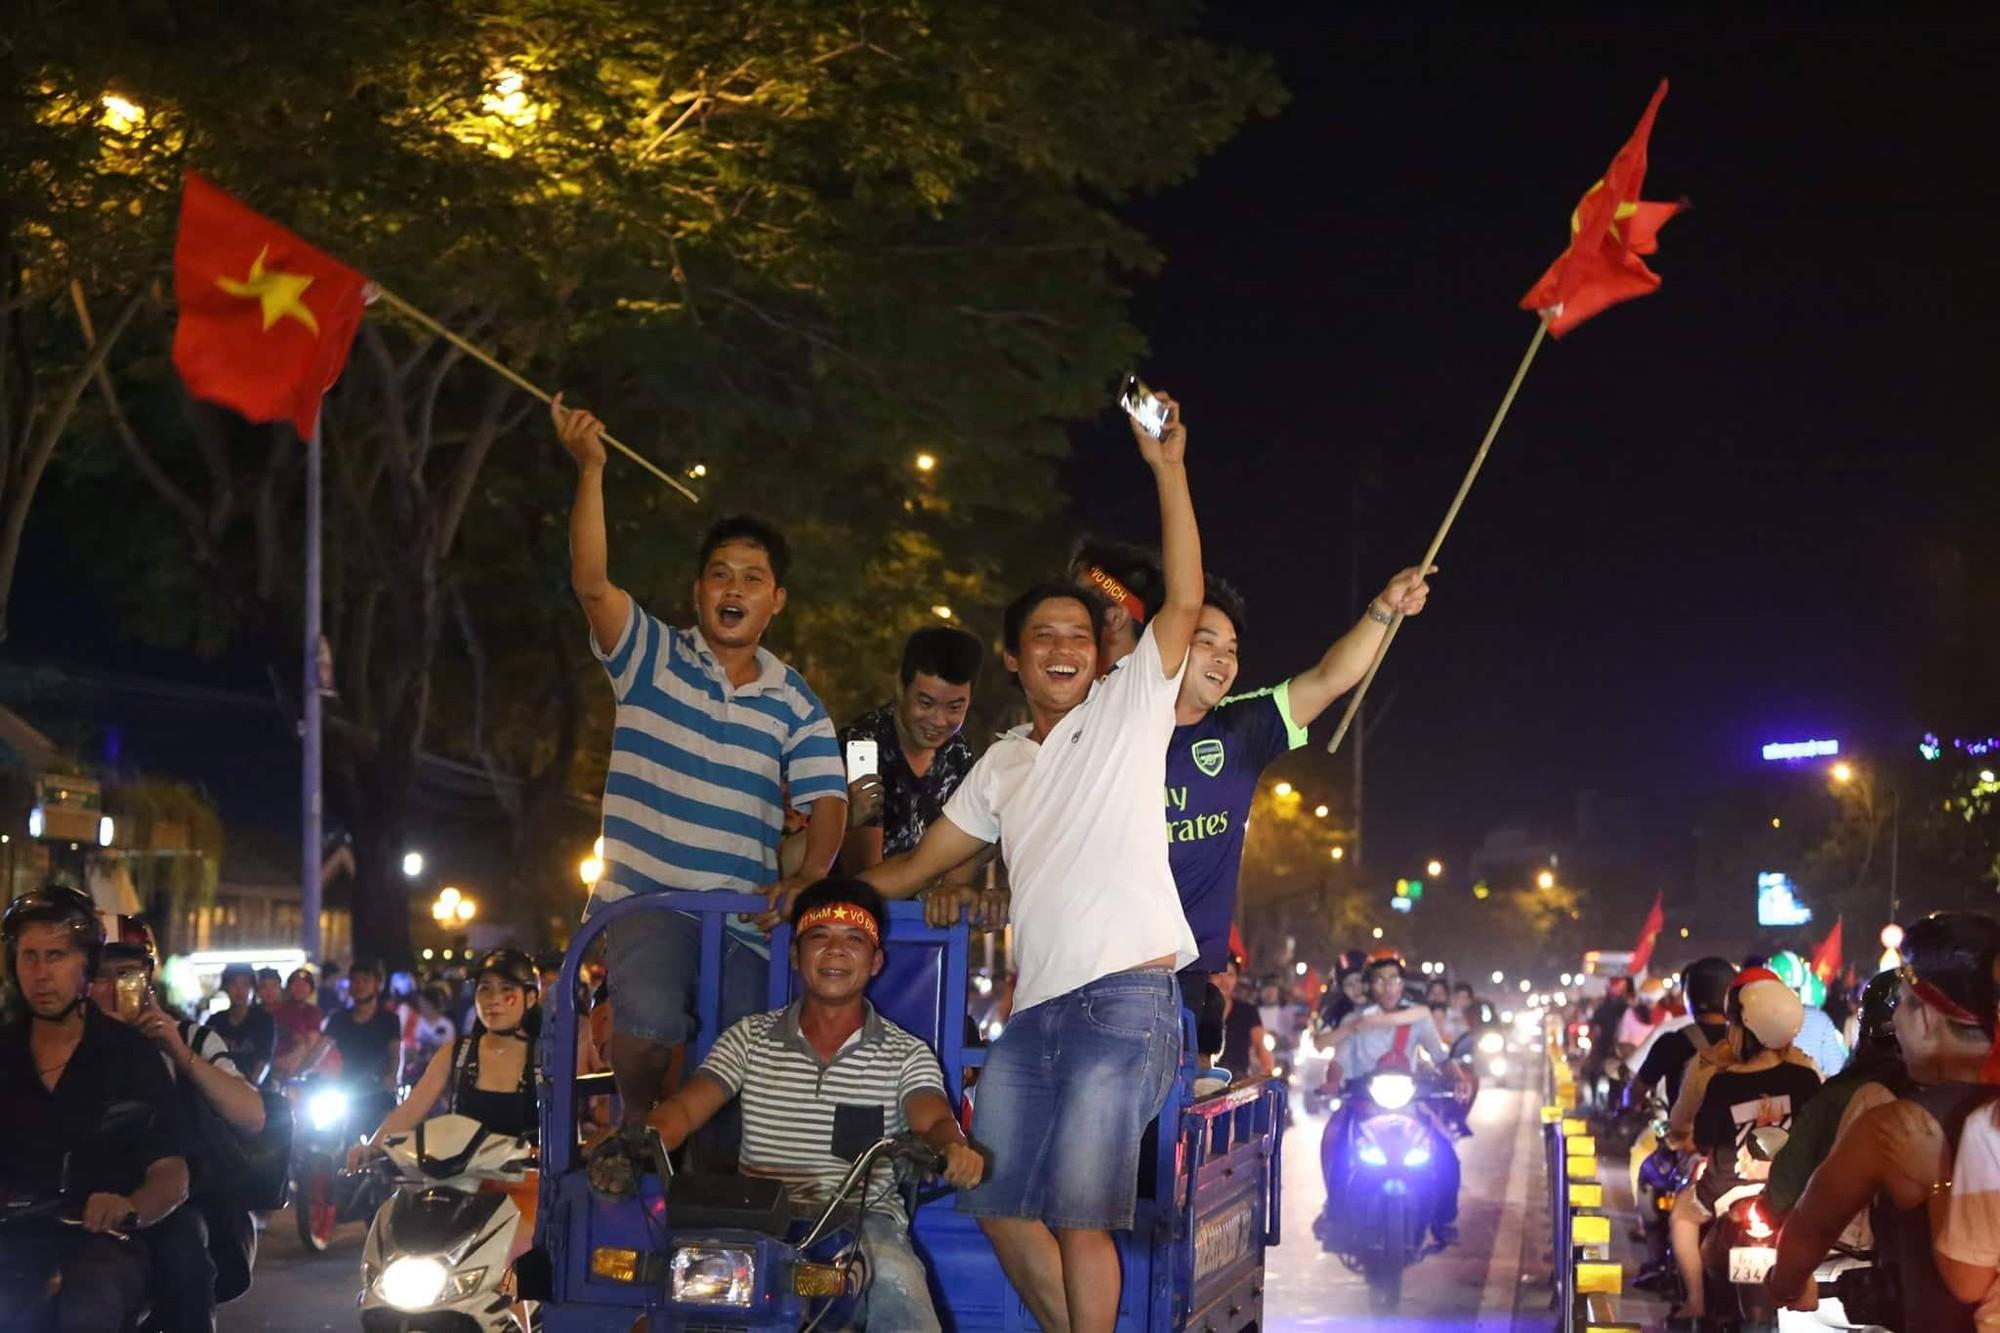 Những hình ảnh giản dị mà hài hước của CĐV Việt Nam trong không khí tưng bừng mừng chiến thắng - Ảnh 3.